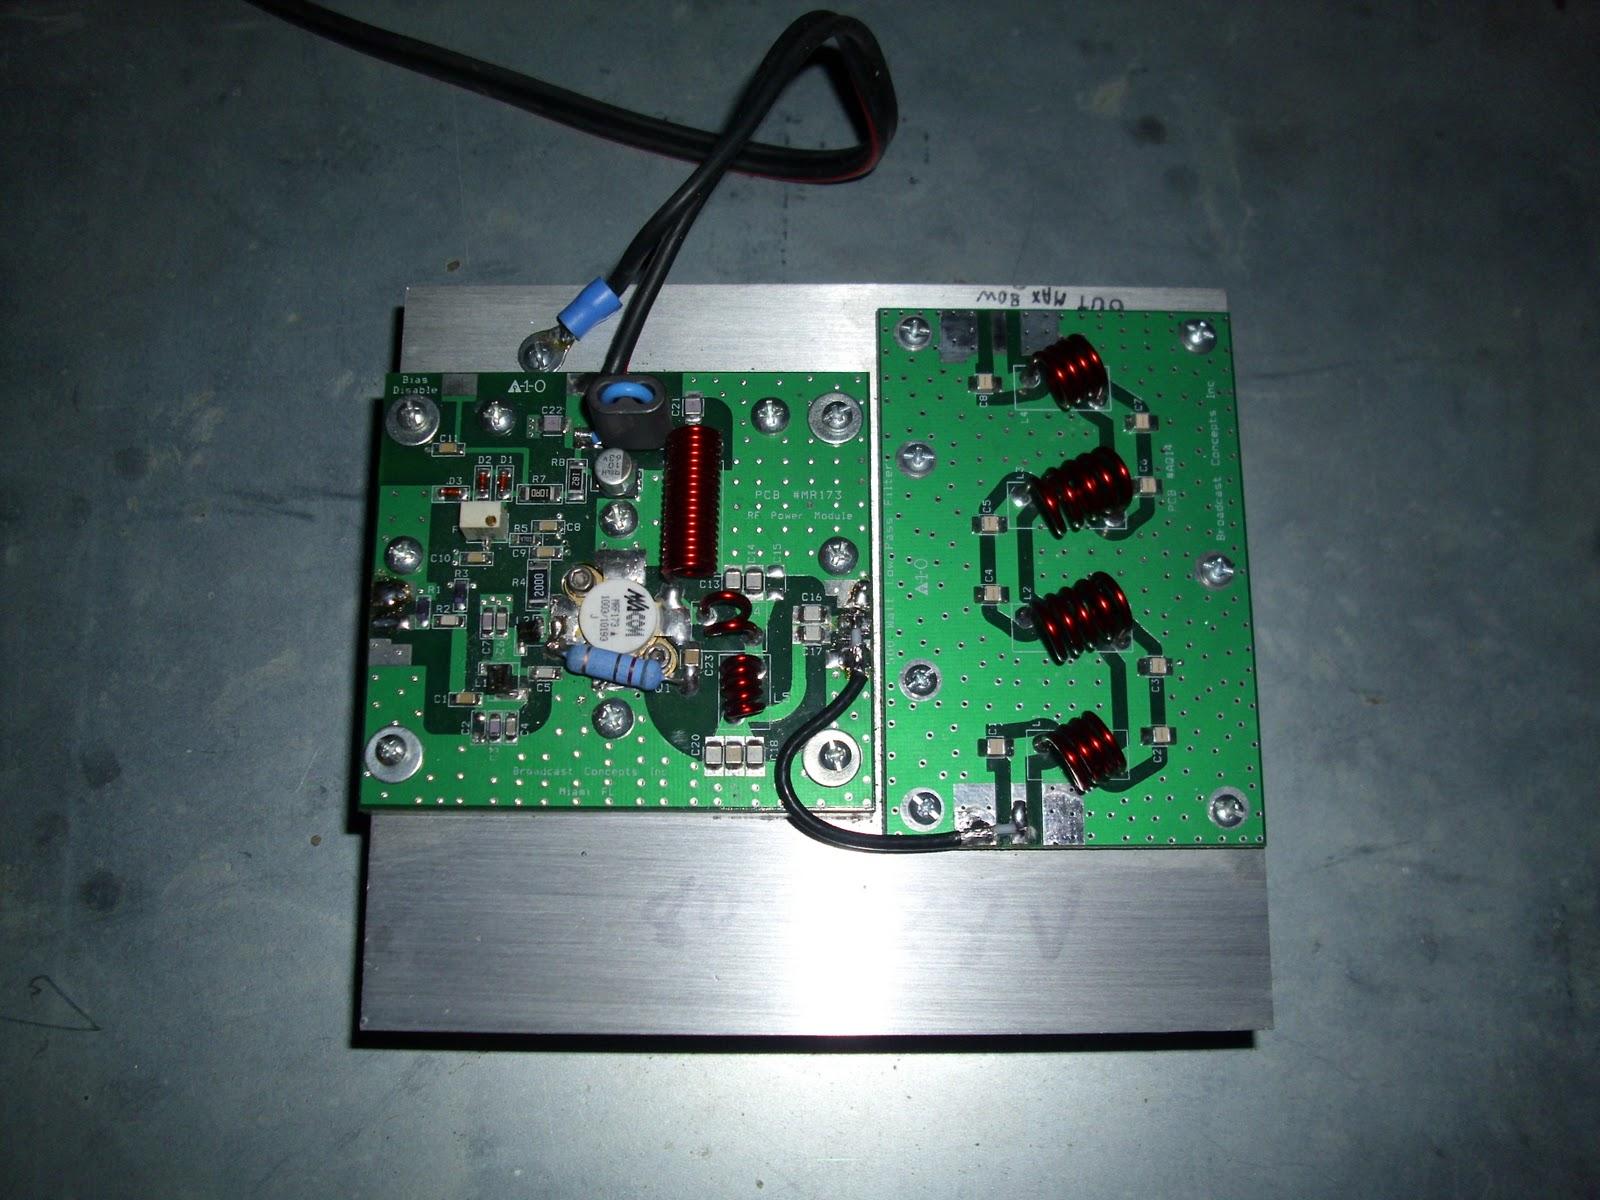 Transmisores fm para radios comunitarias o ciudadanas - Amplificador de antena ...